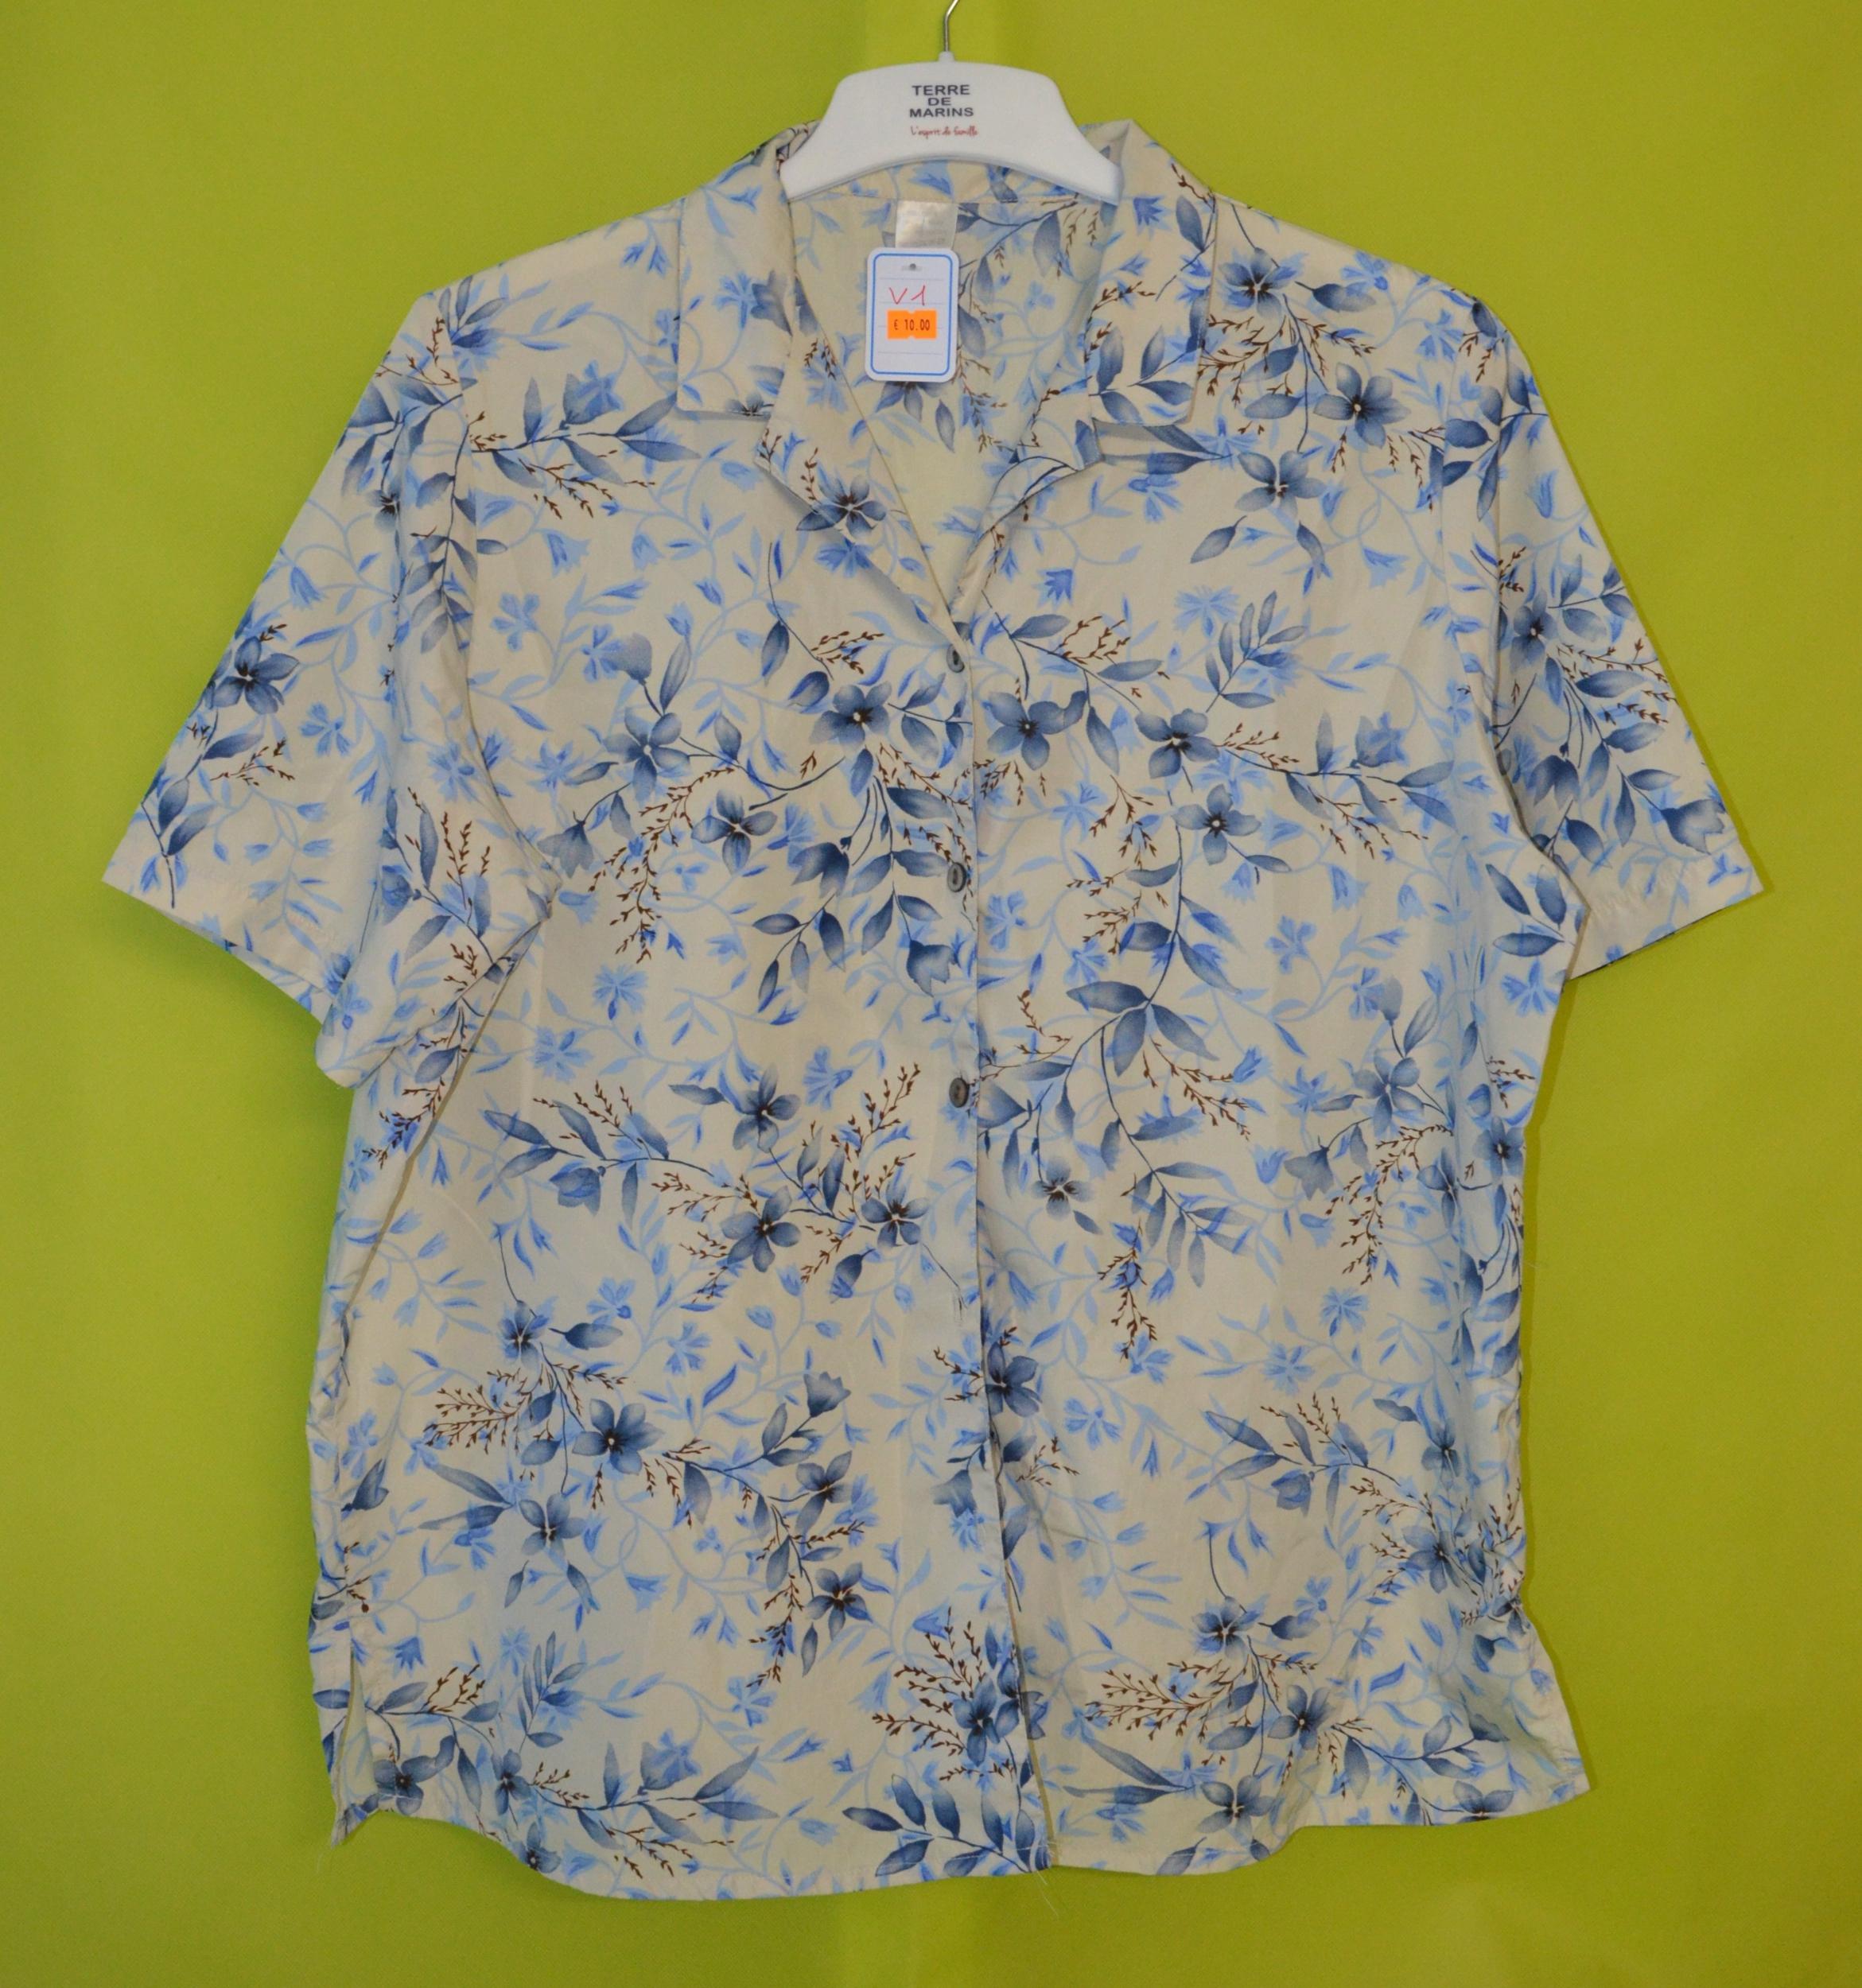 chemise femme 48 fleurs